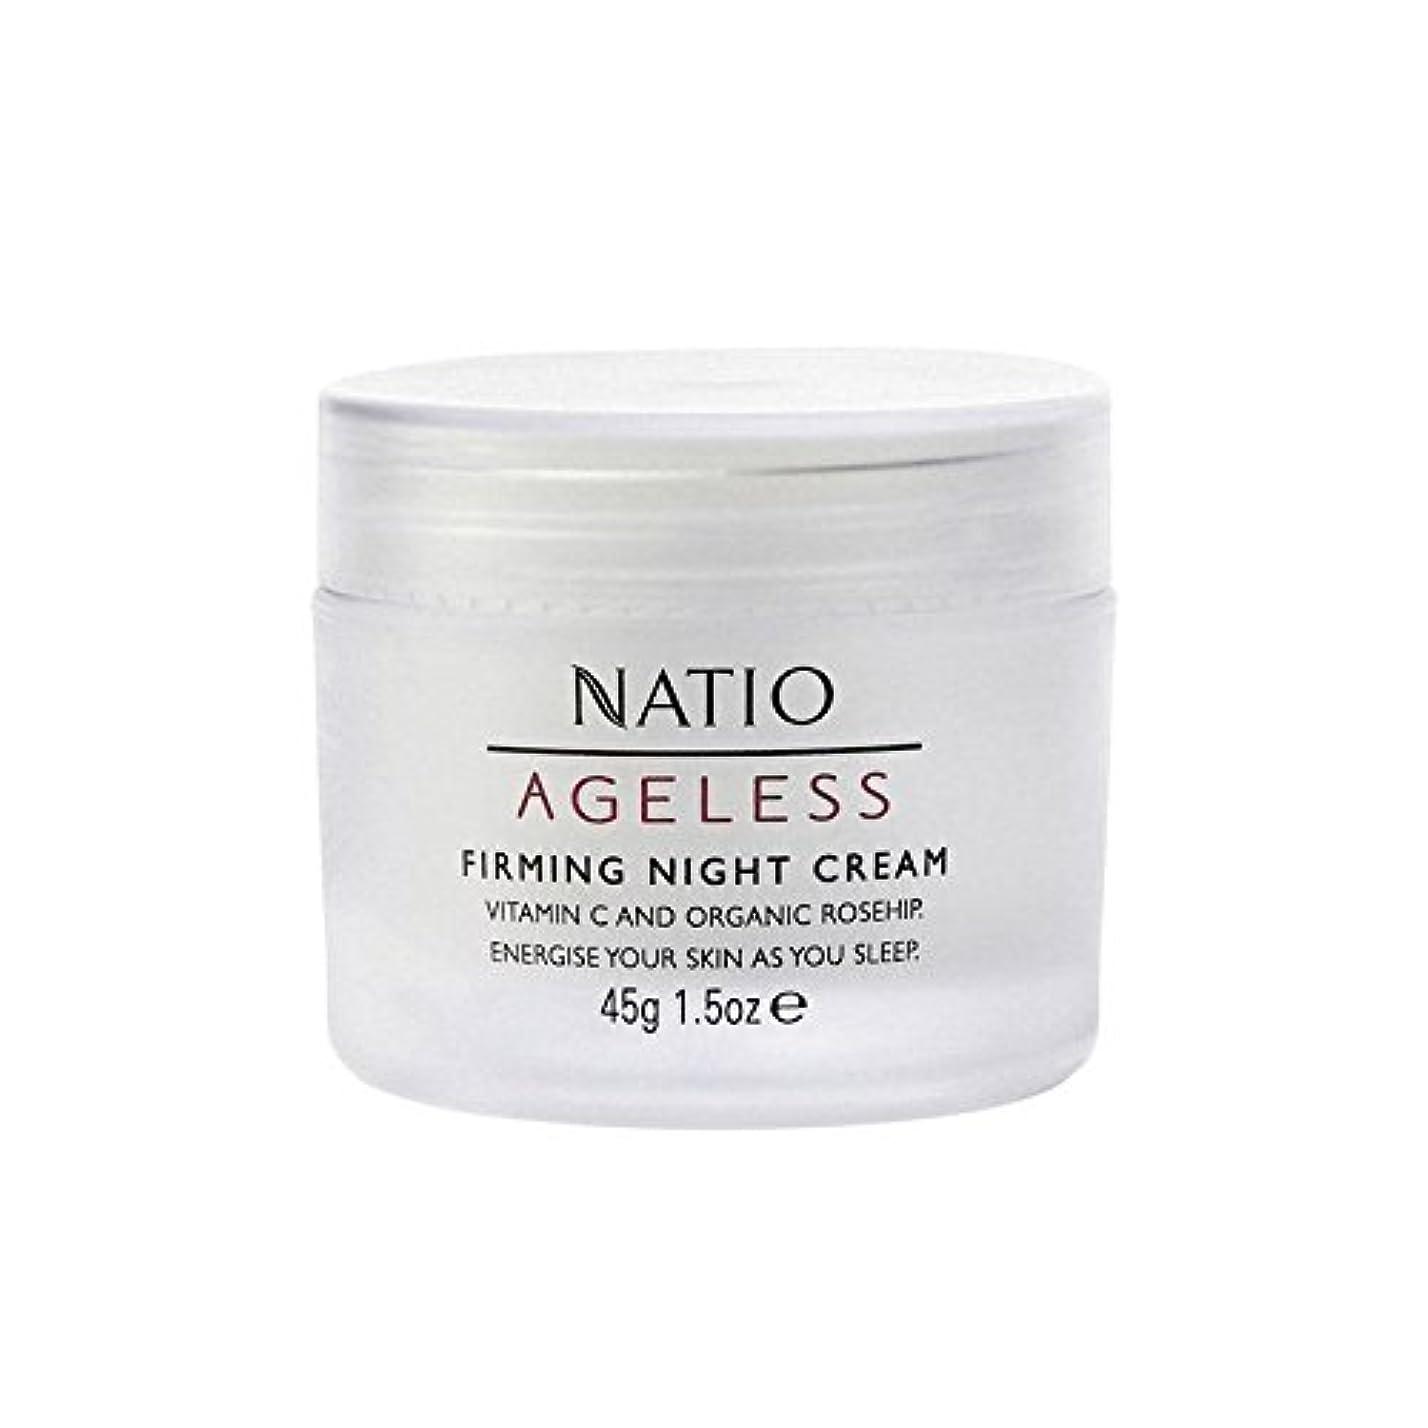 応援する思慮のないに負けるNatio Ageless Firming Night Cream (45G) - 永遠ファーミングナイトクリーム(45グラム) [並行輸入品]